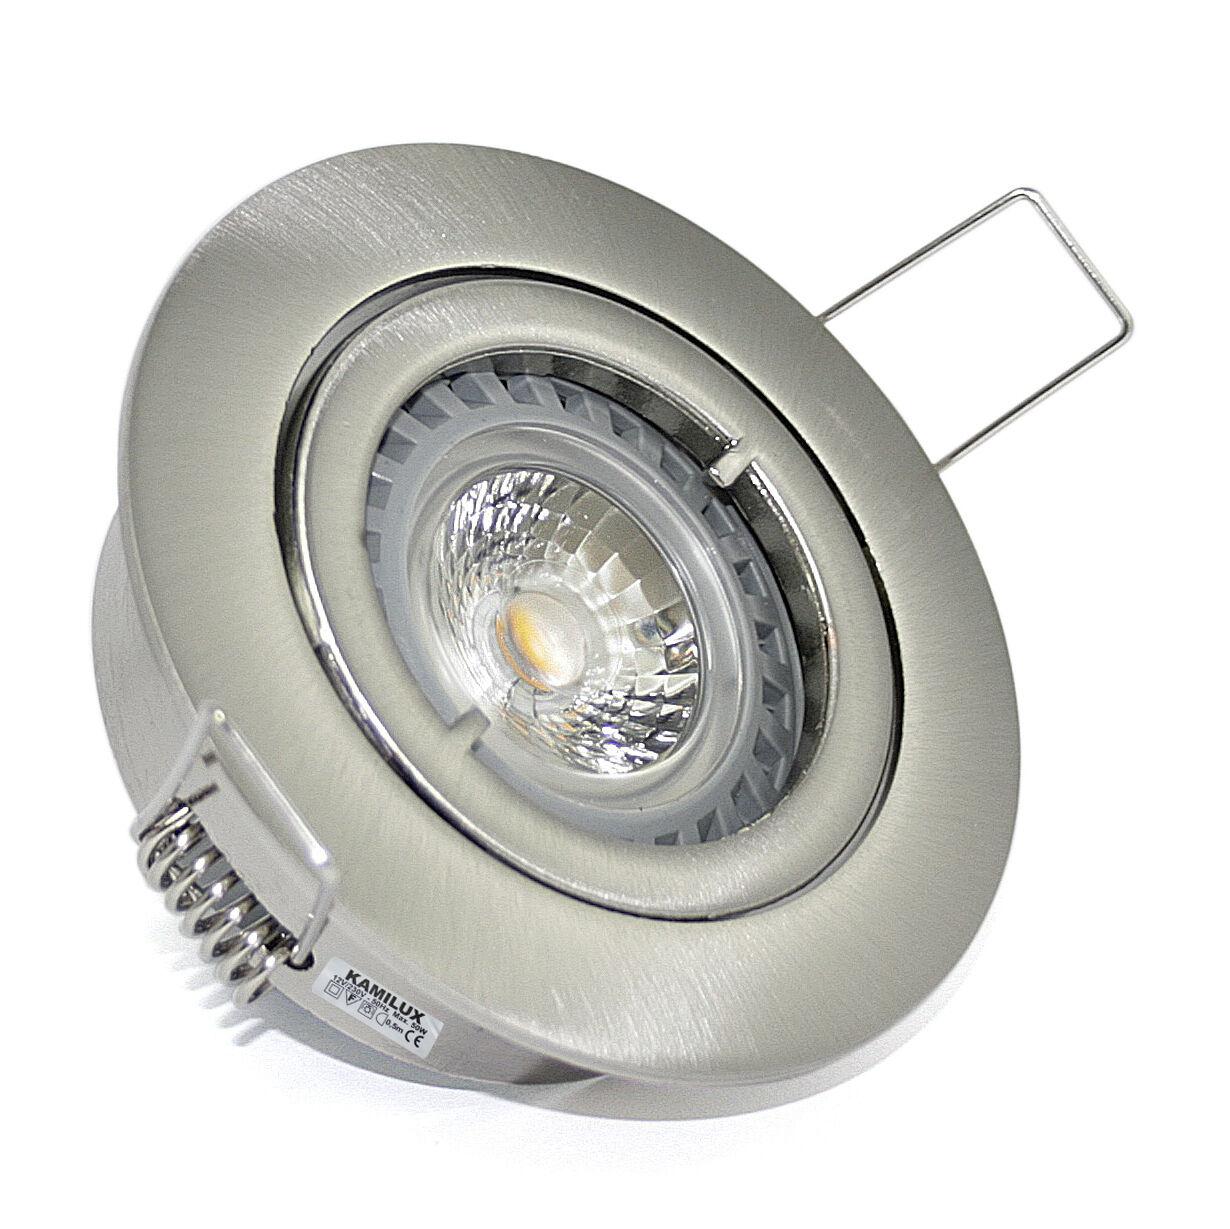 230V Kamilux Einbauleuchte DIMMBAR Innen & Aussen 7W  52Watt 52Watt 52Watt GU10 Power LED | Offizielle Webseite  | ein guter Ruf in der Welt  | Zahlreiche In Vielfalt  c30151